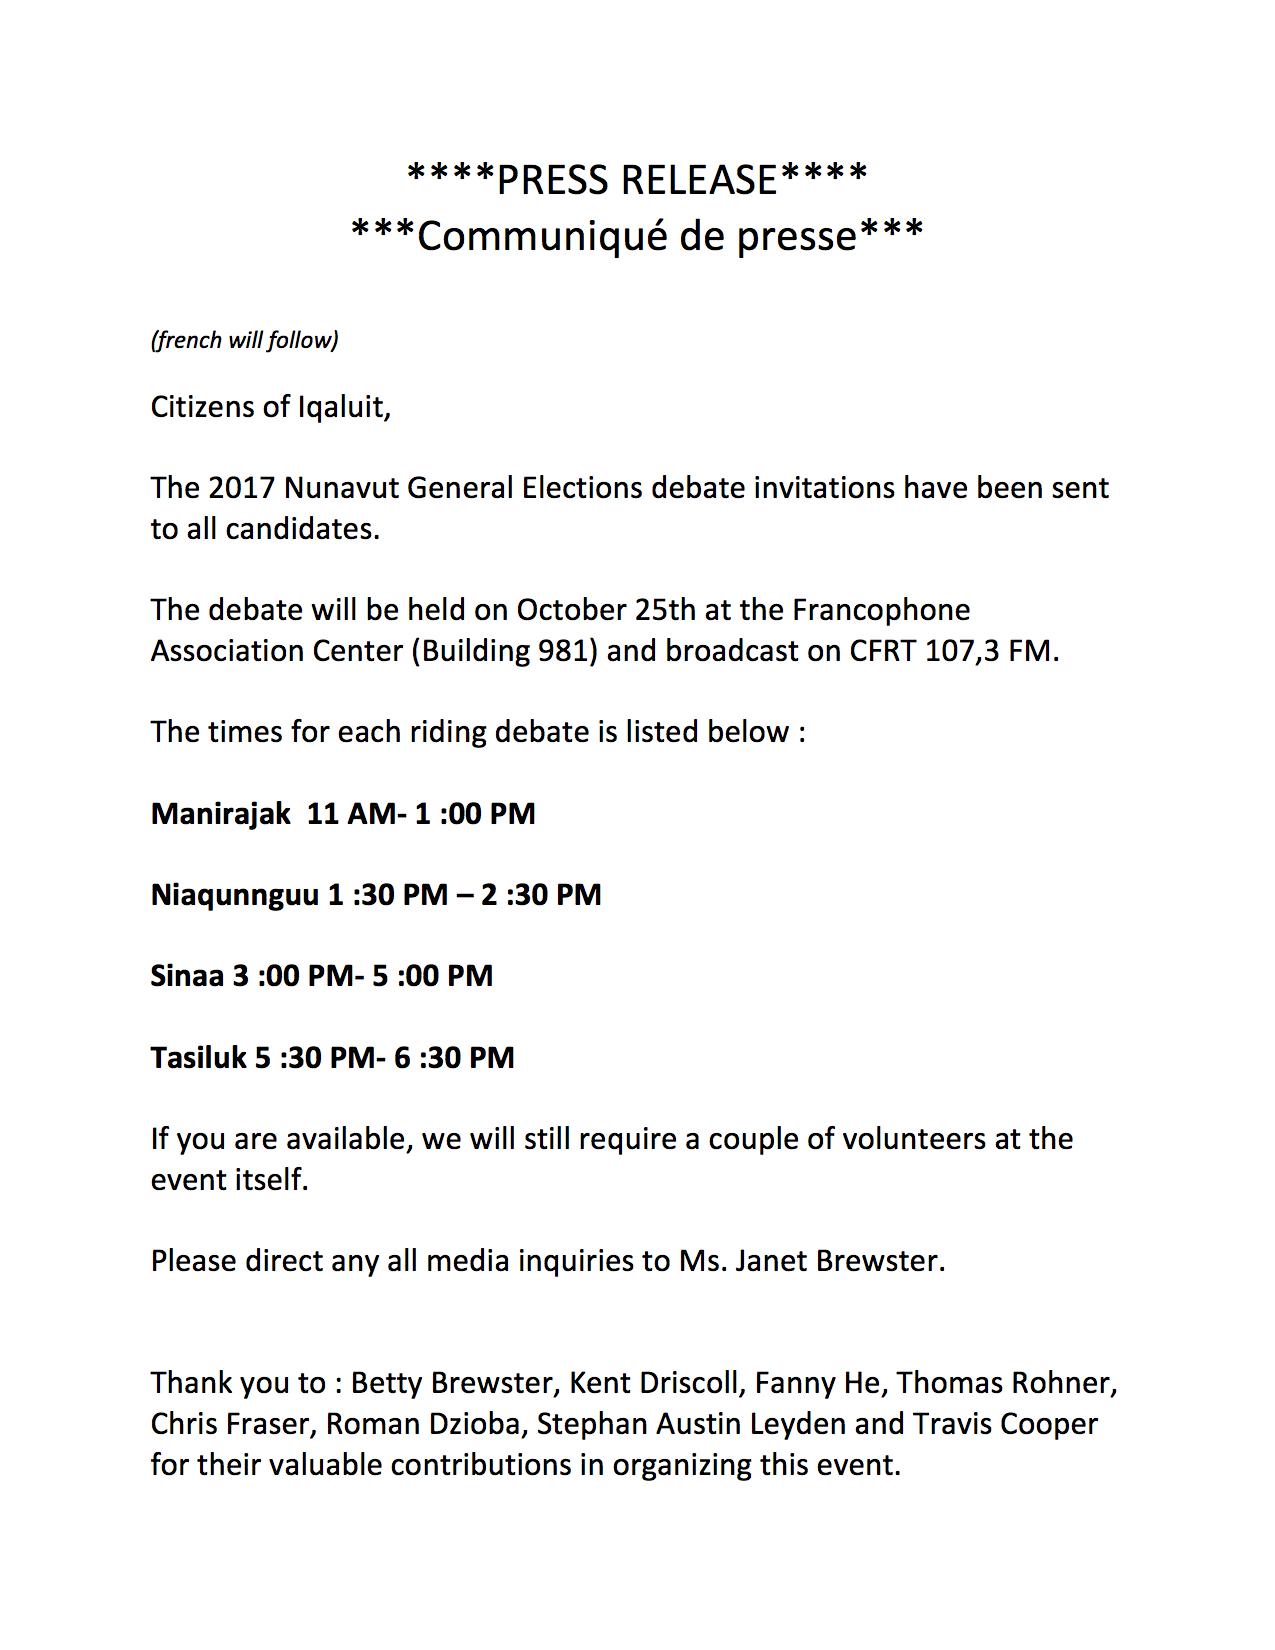 PRESS RELEASE- debate form 2017.jpg